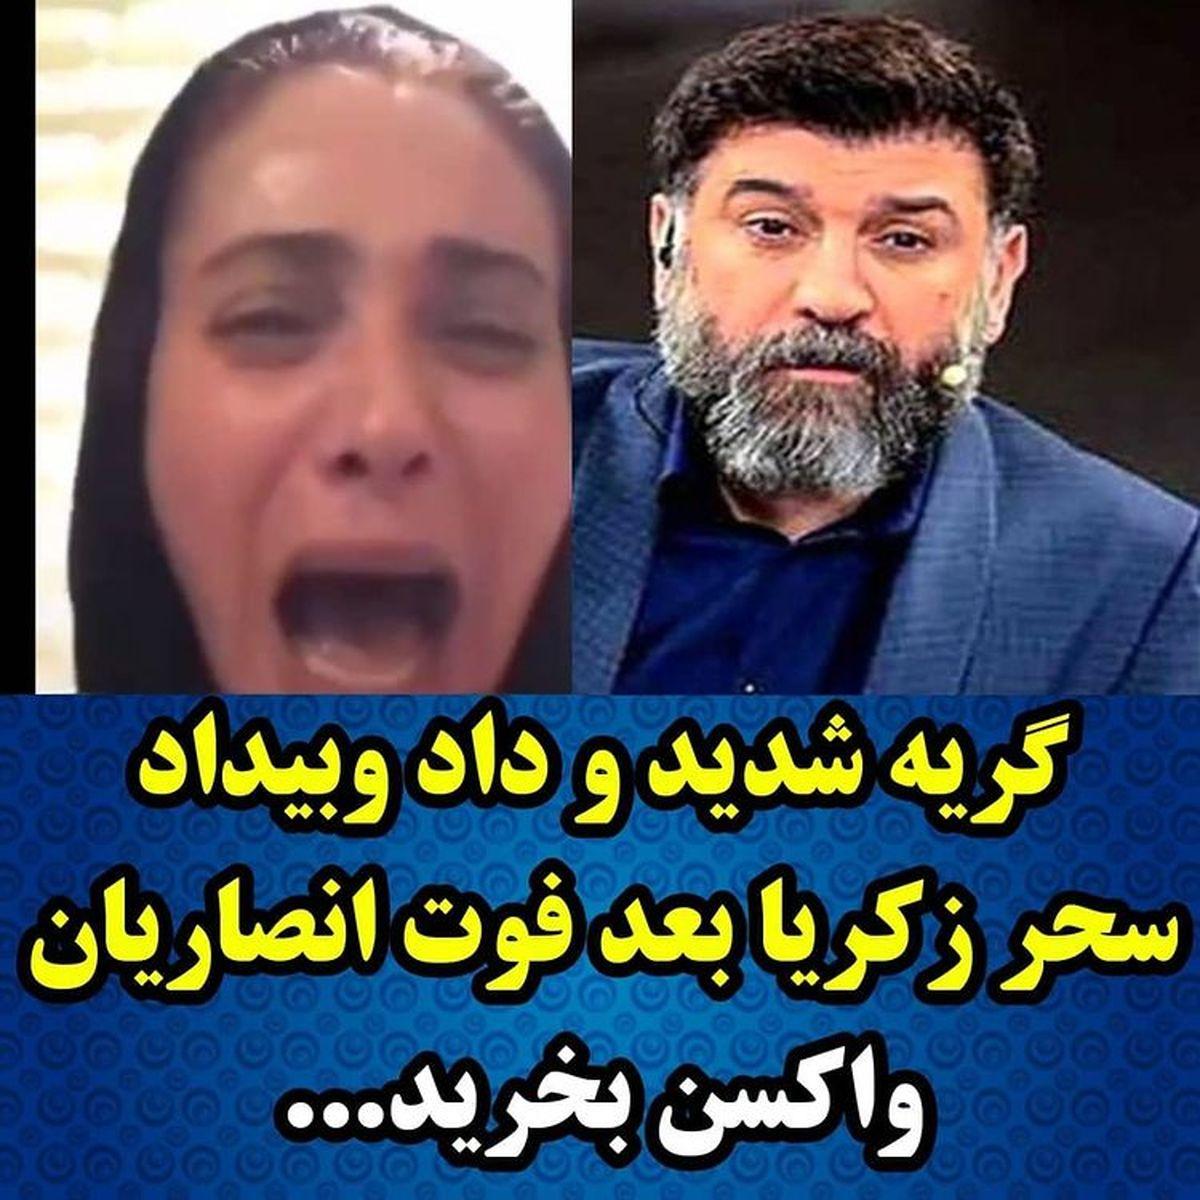 حمله تند سحر زکریا به دولت در رابطه با فوت انصاریان + فیلم